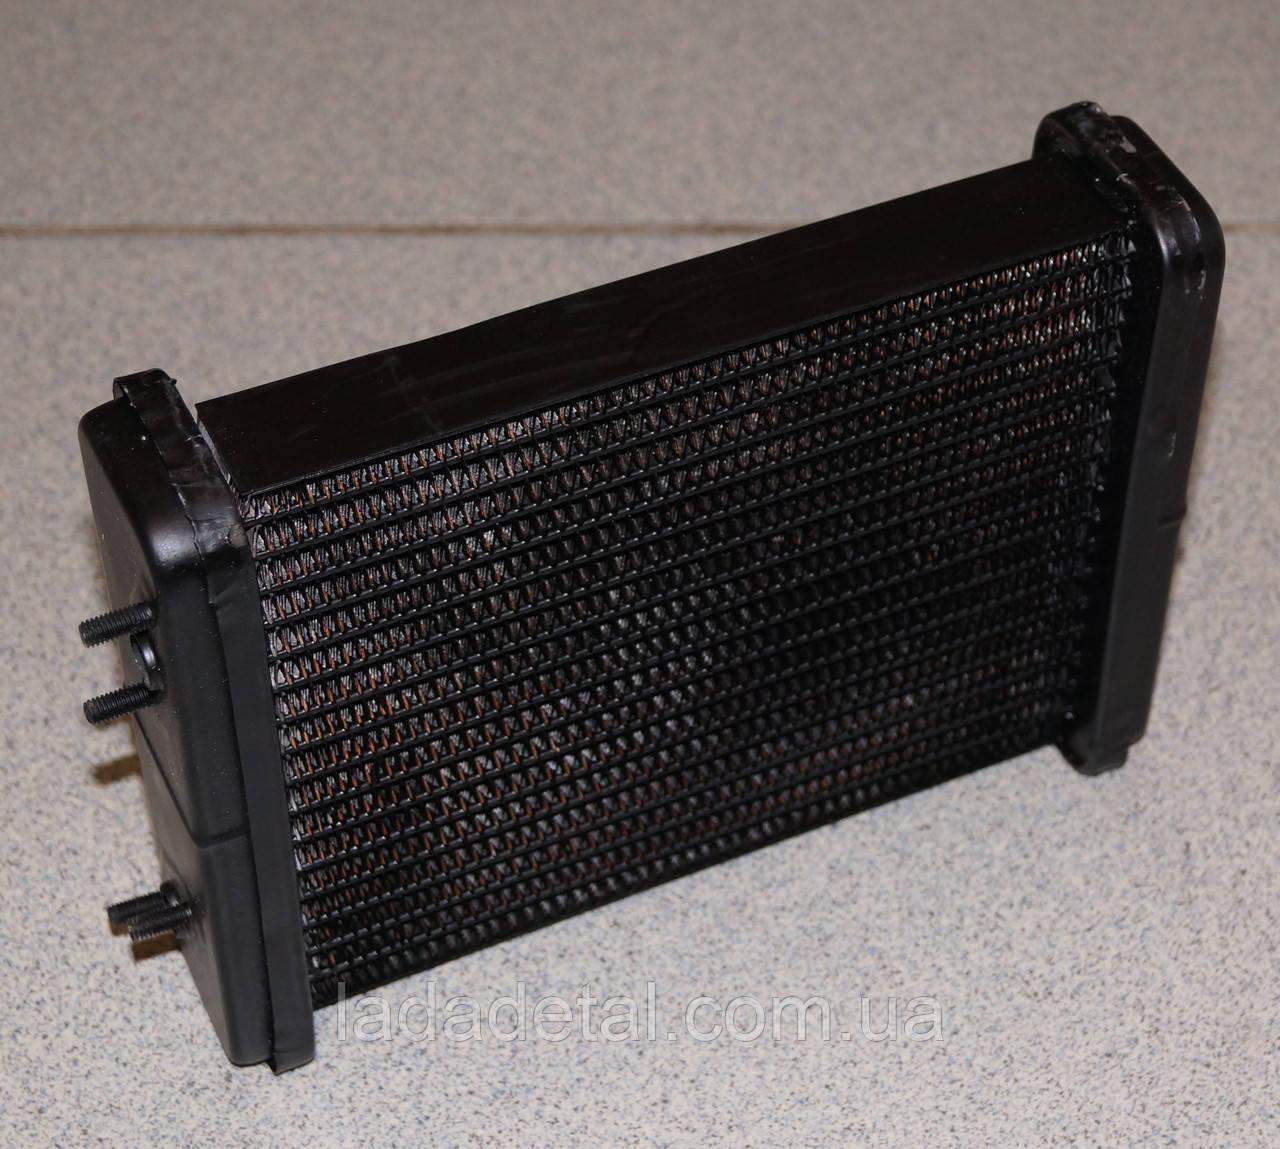 Радиатор отопителя ВАЗ 2101, 2102, 2103, 2106, 2107 медный 2-х рядный Иран